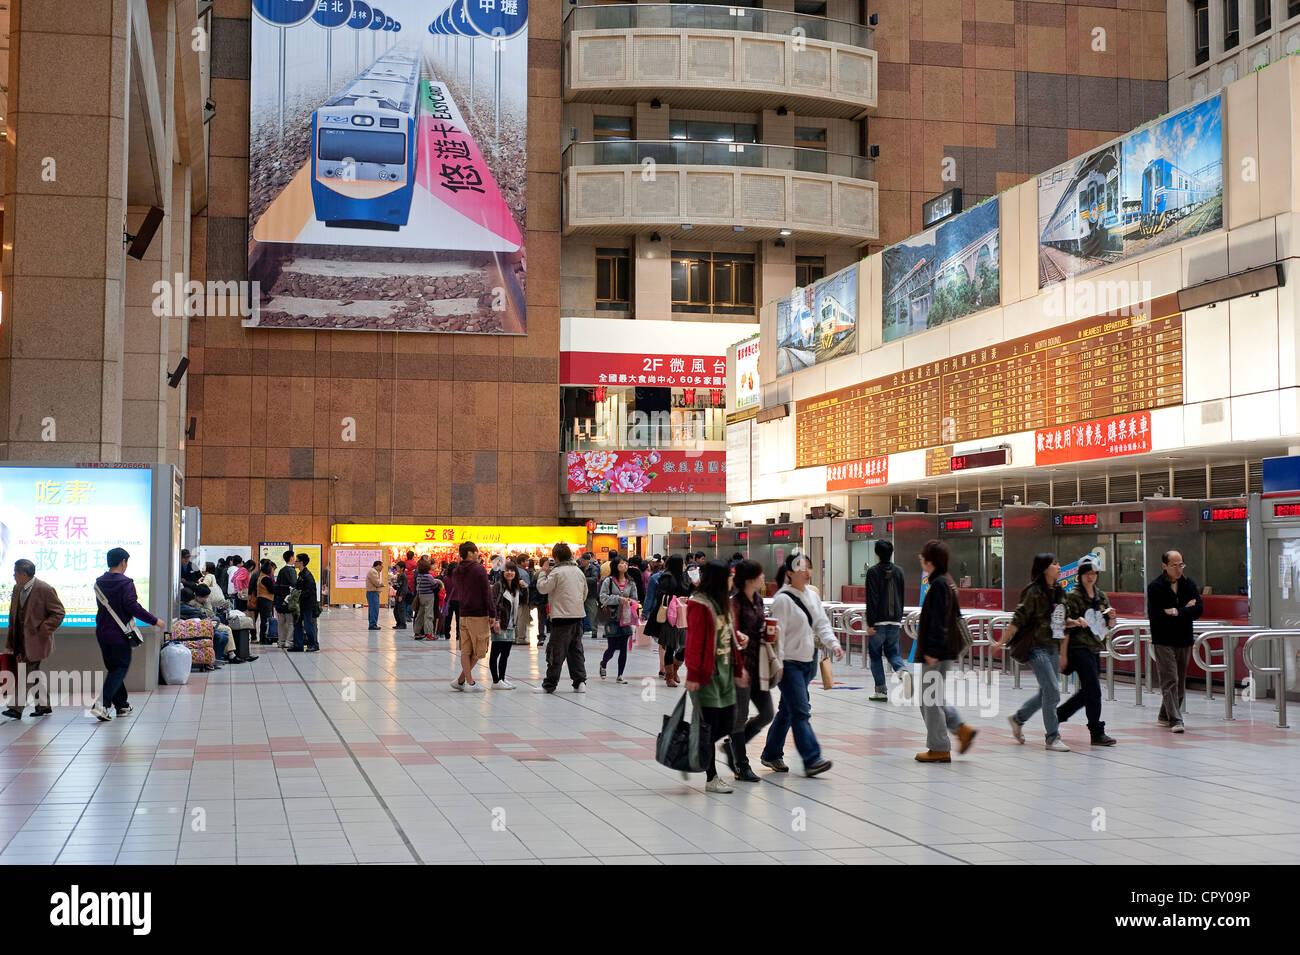 Taiwan, Taipei, old town, Taipei Main Station - Stock Image